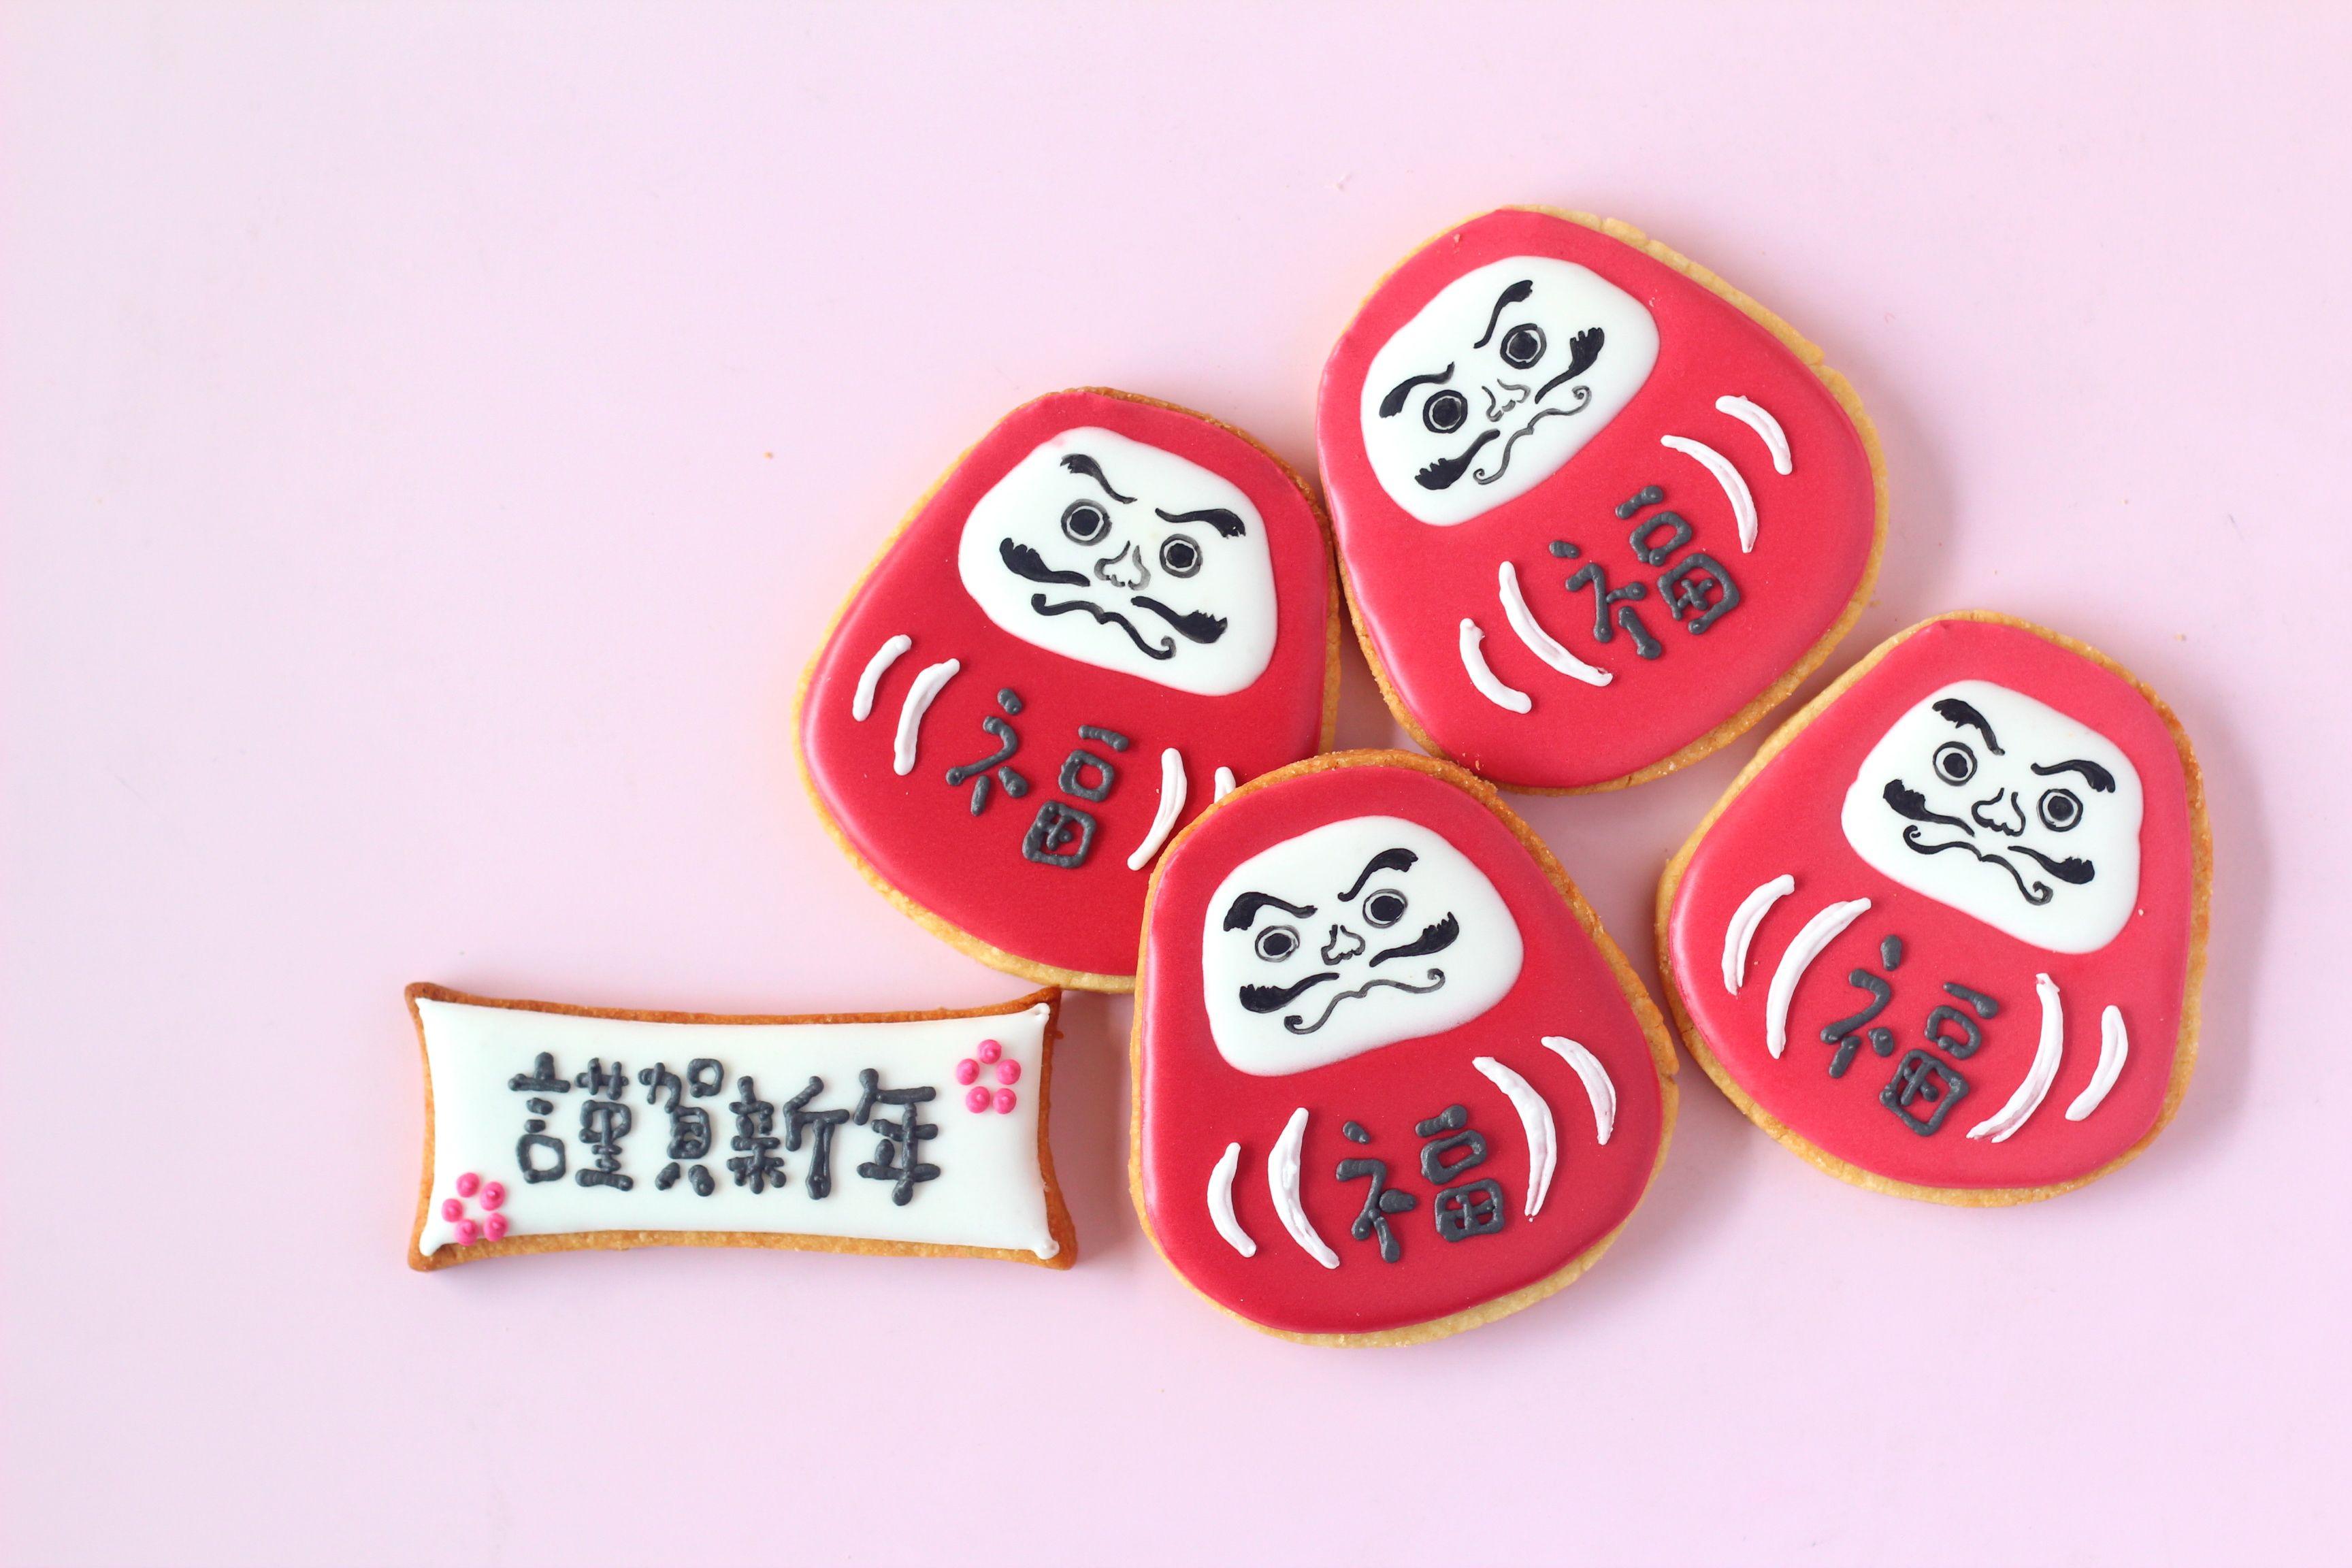 japanese new year cookies 謹賀新年 お正月 アイシングクッキー